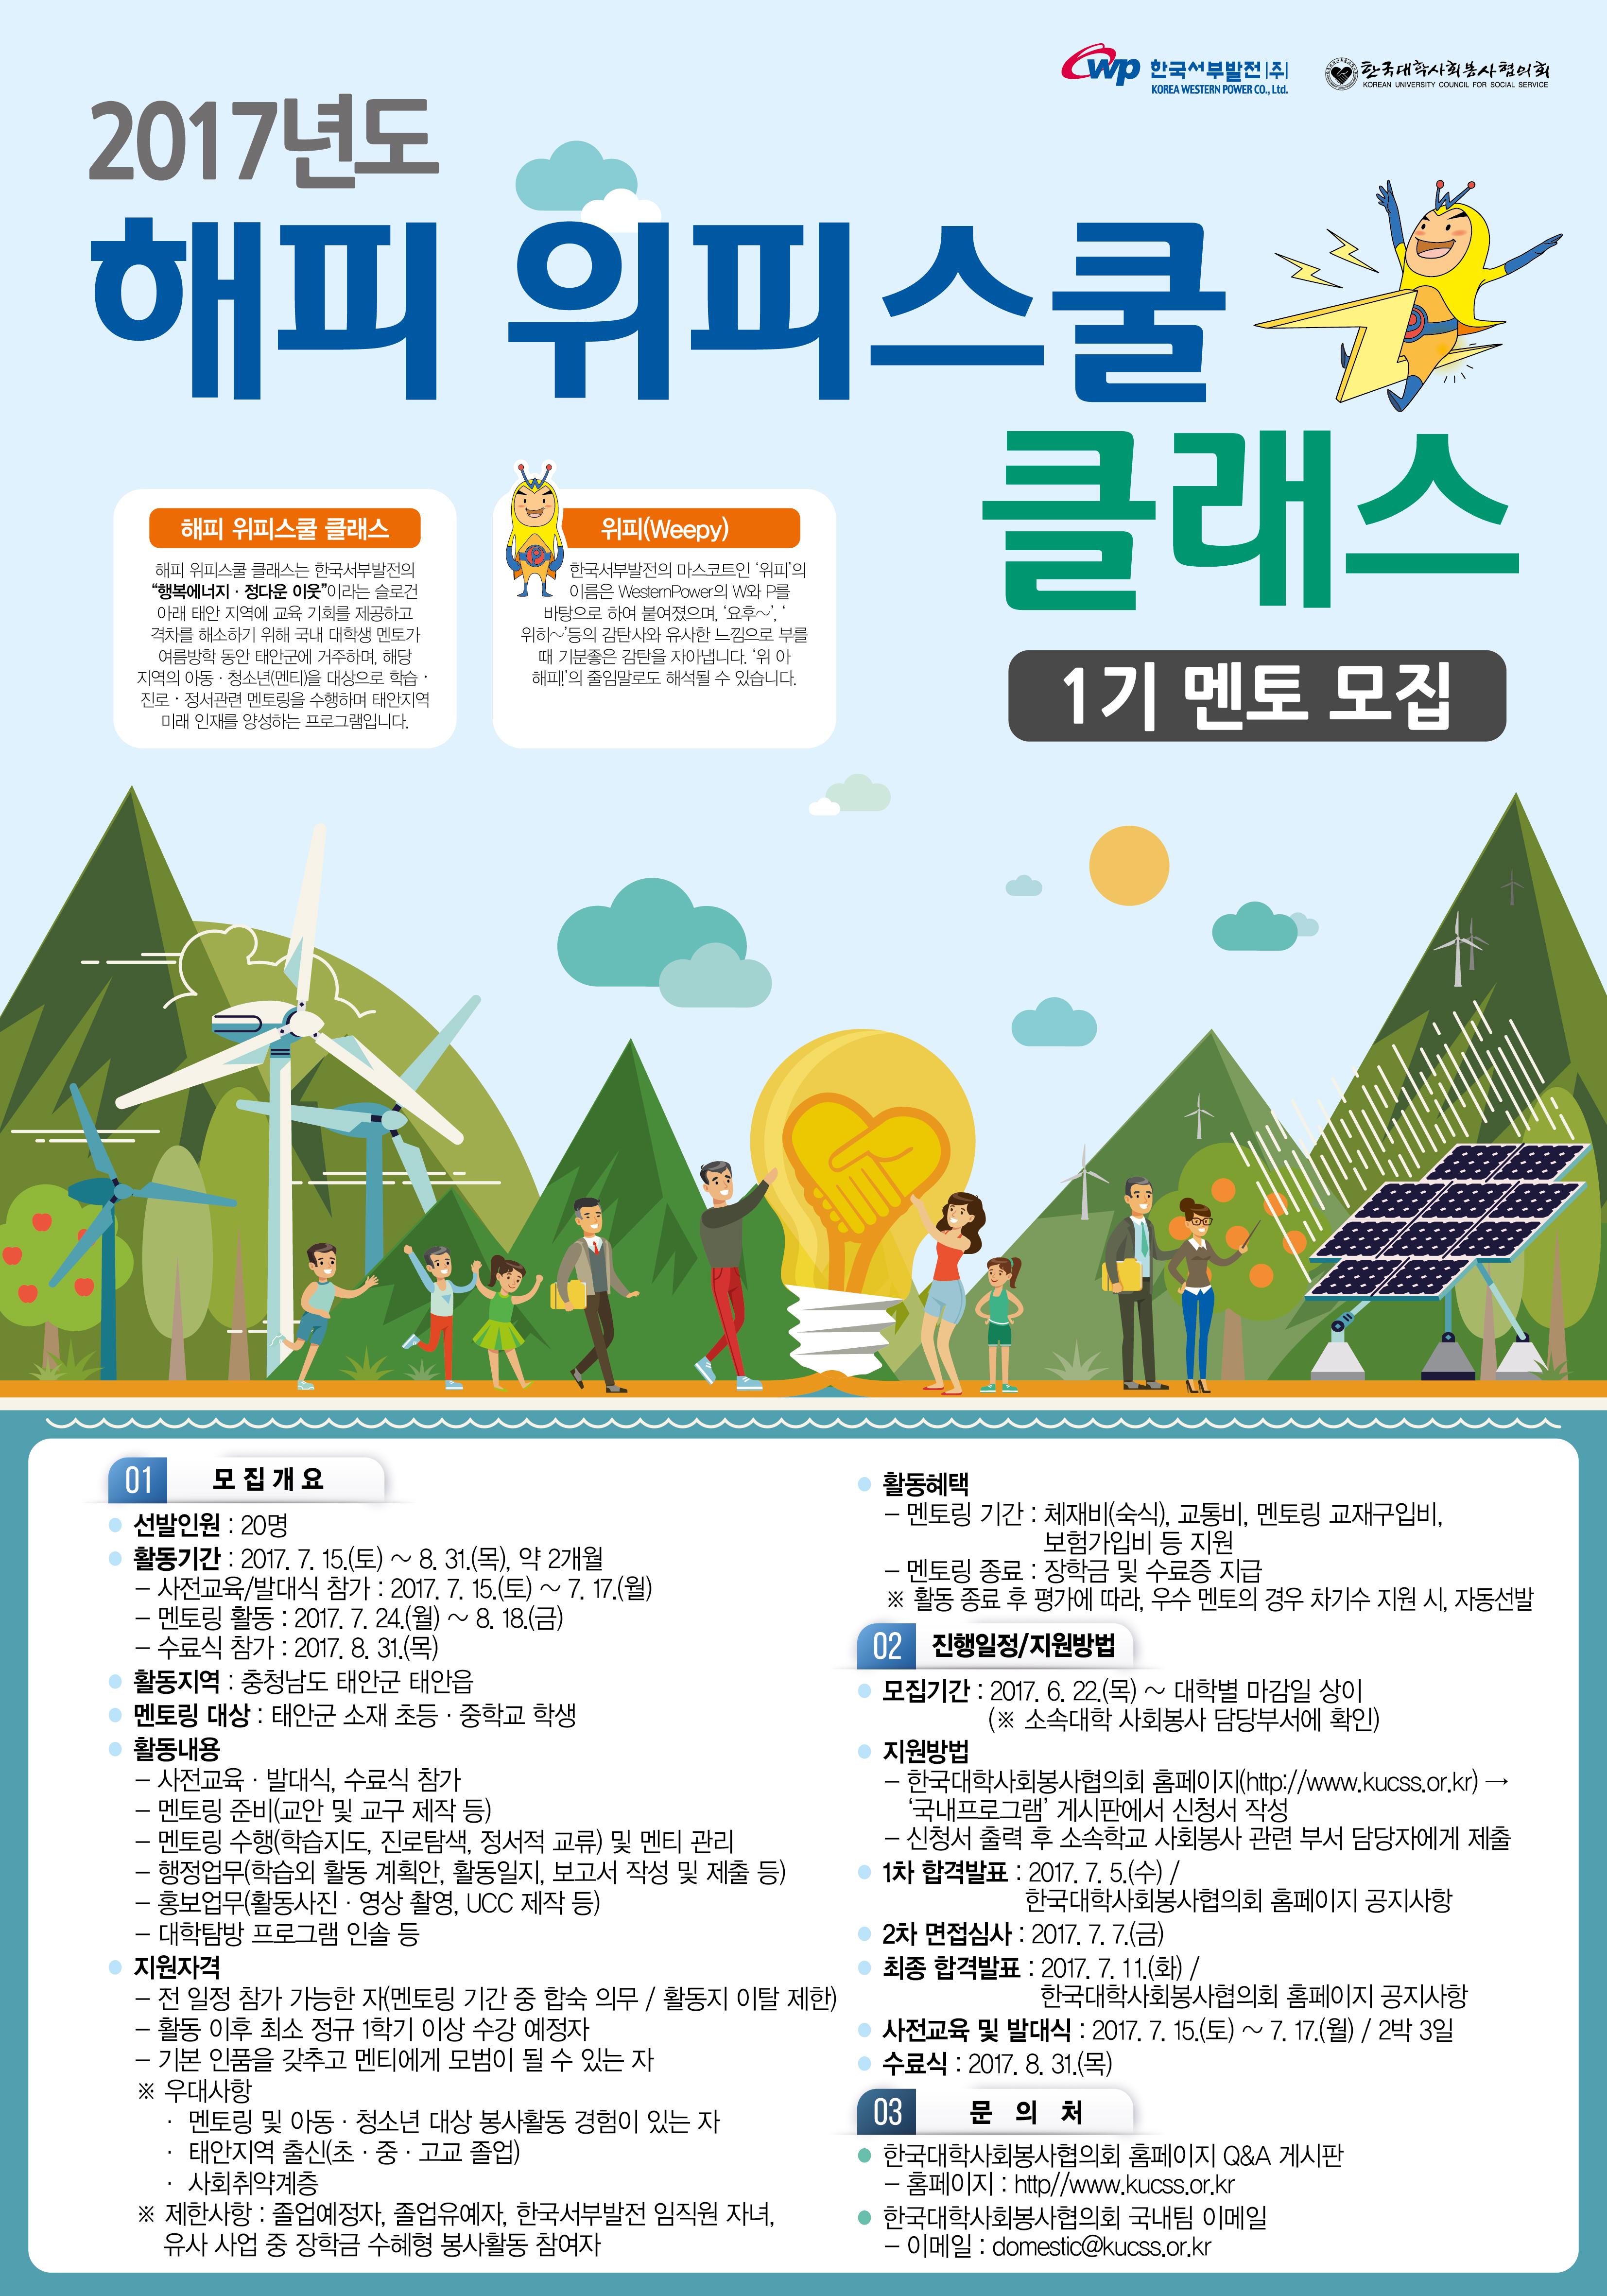 2017년 「해피 위피스쿨 클래스」 1기 멘토 모집-출력-out-01.jpg